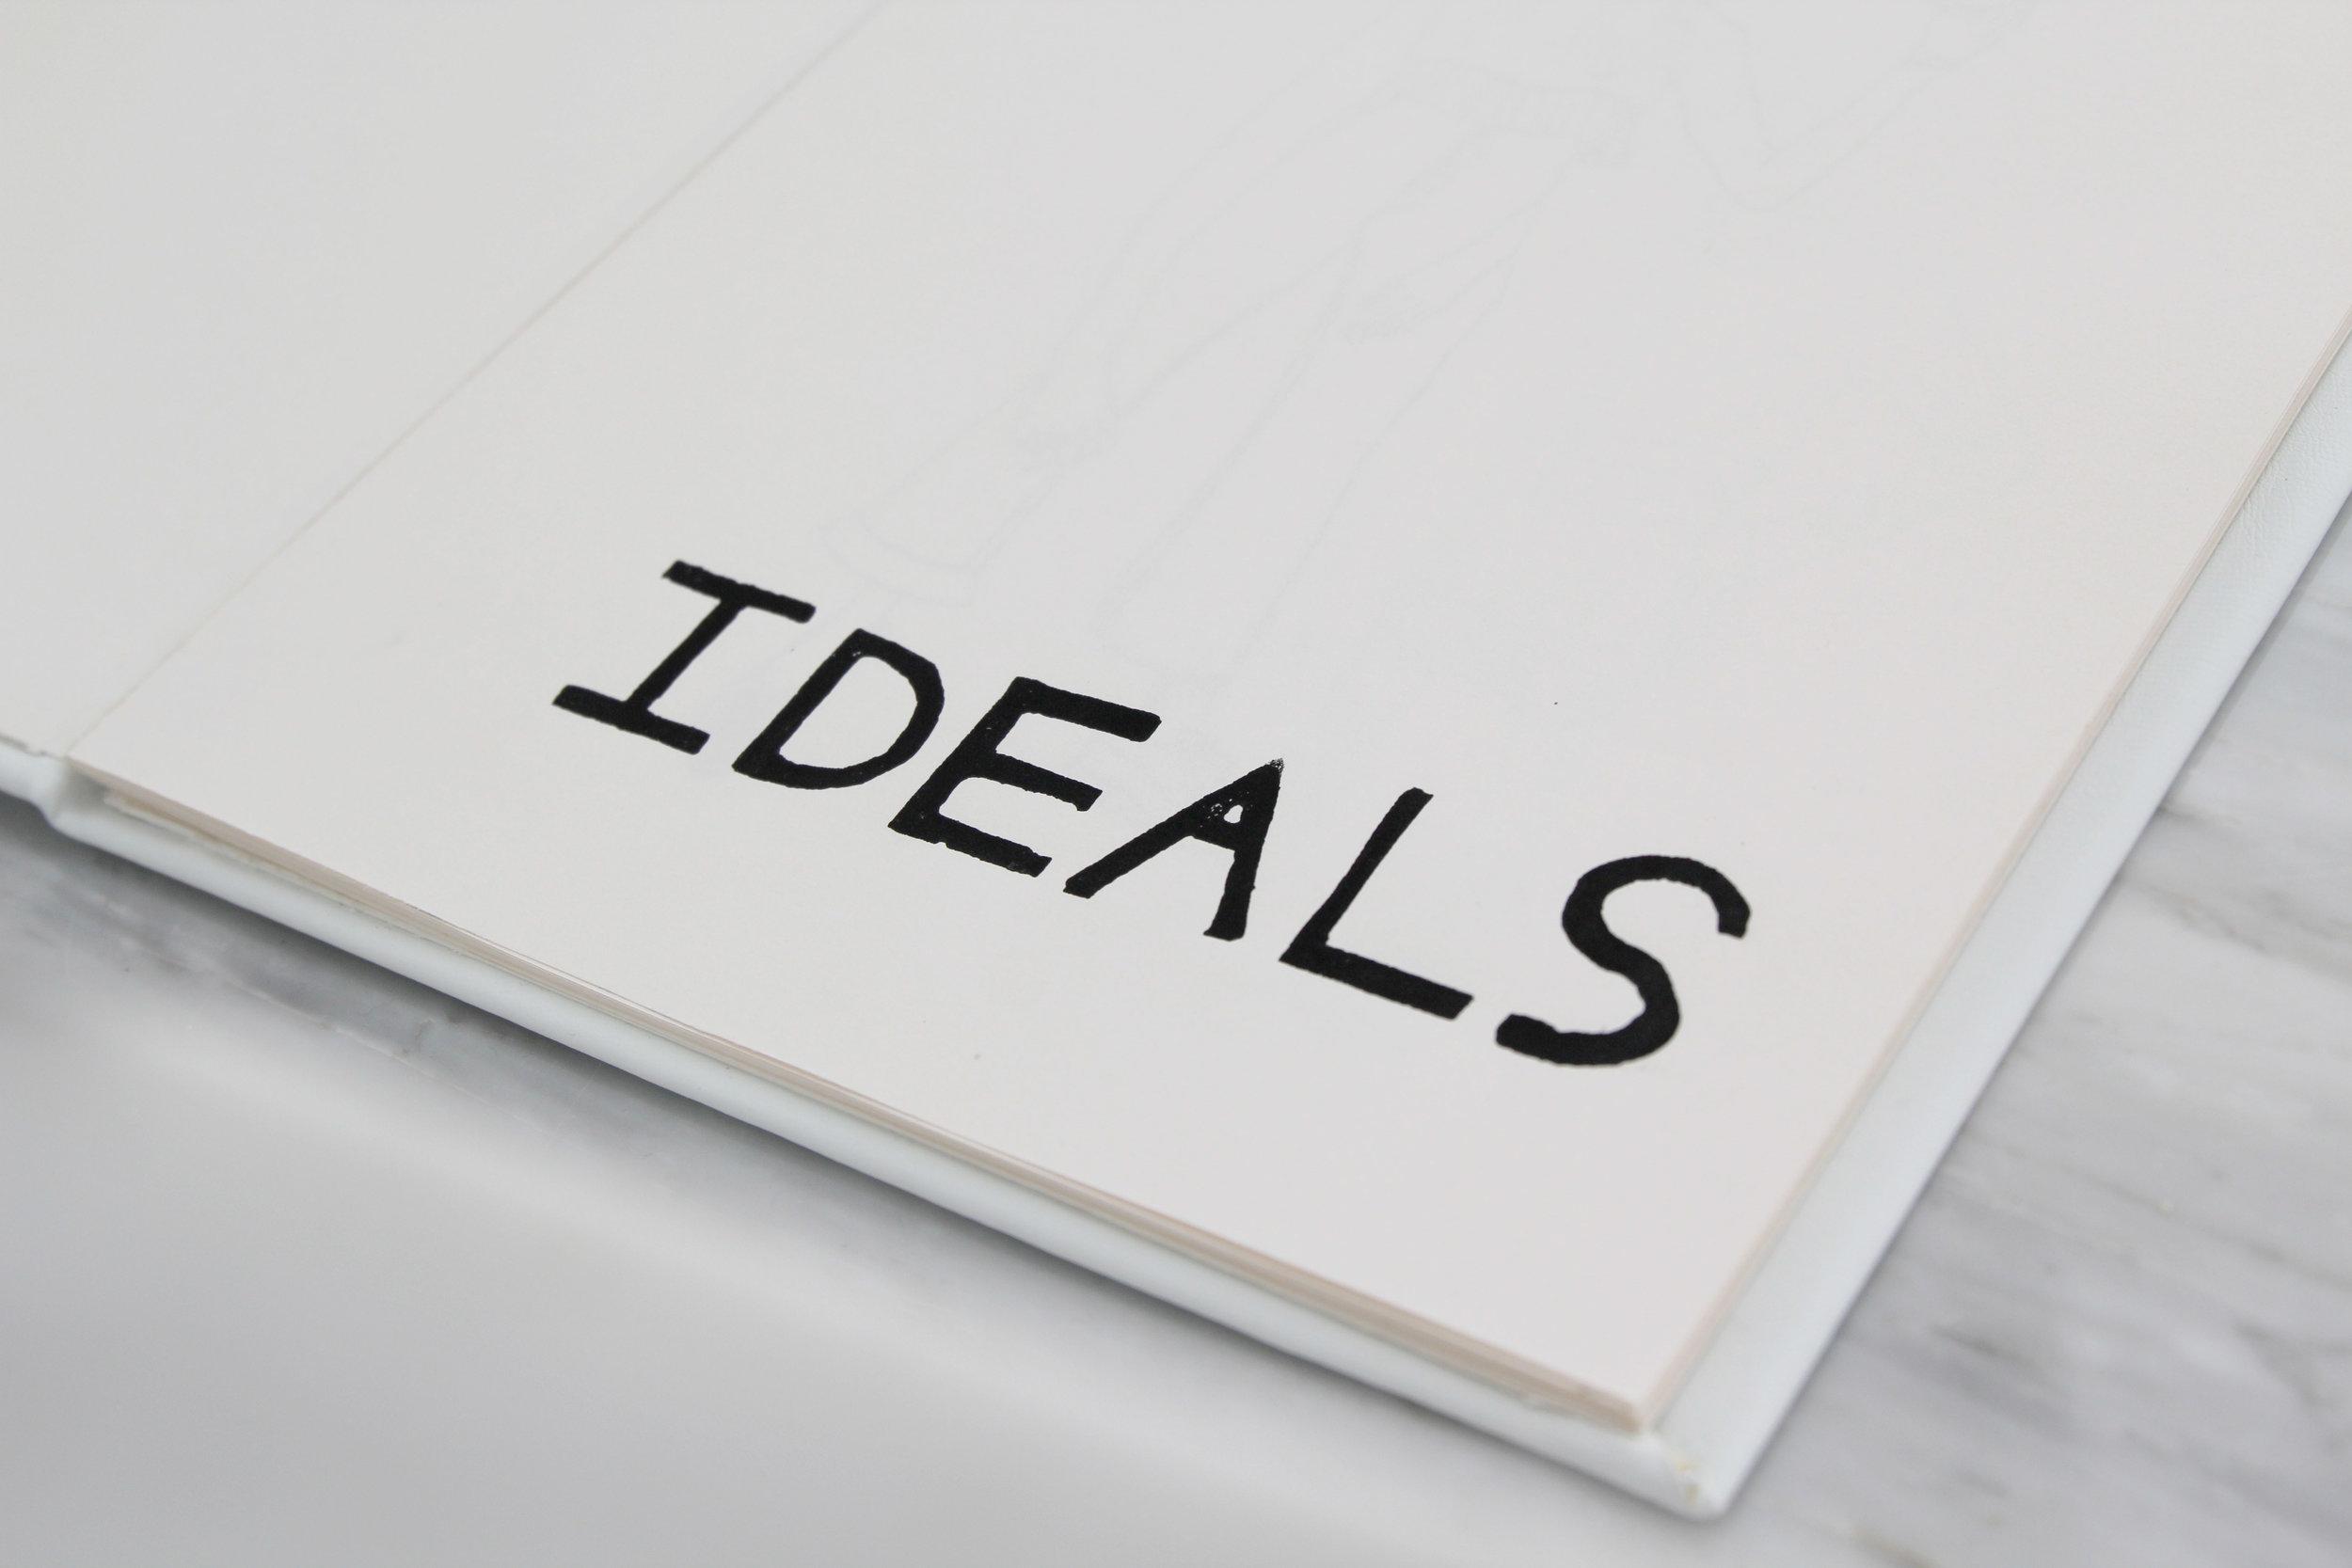 ideals.jpg